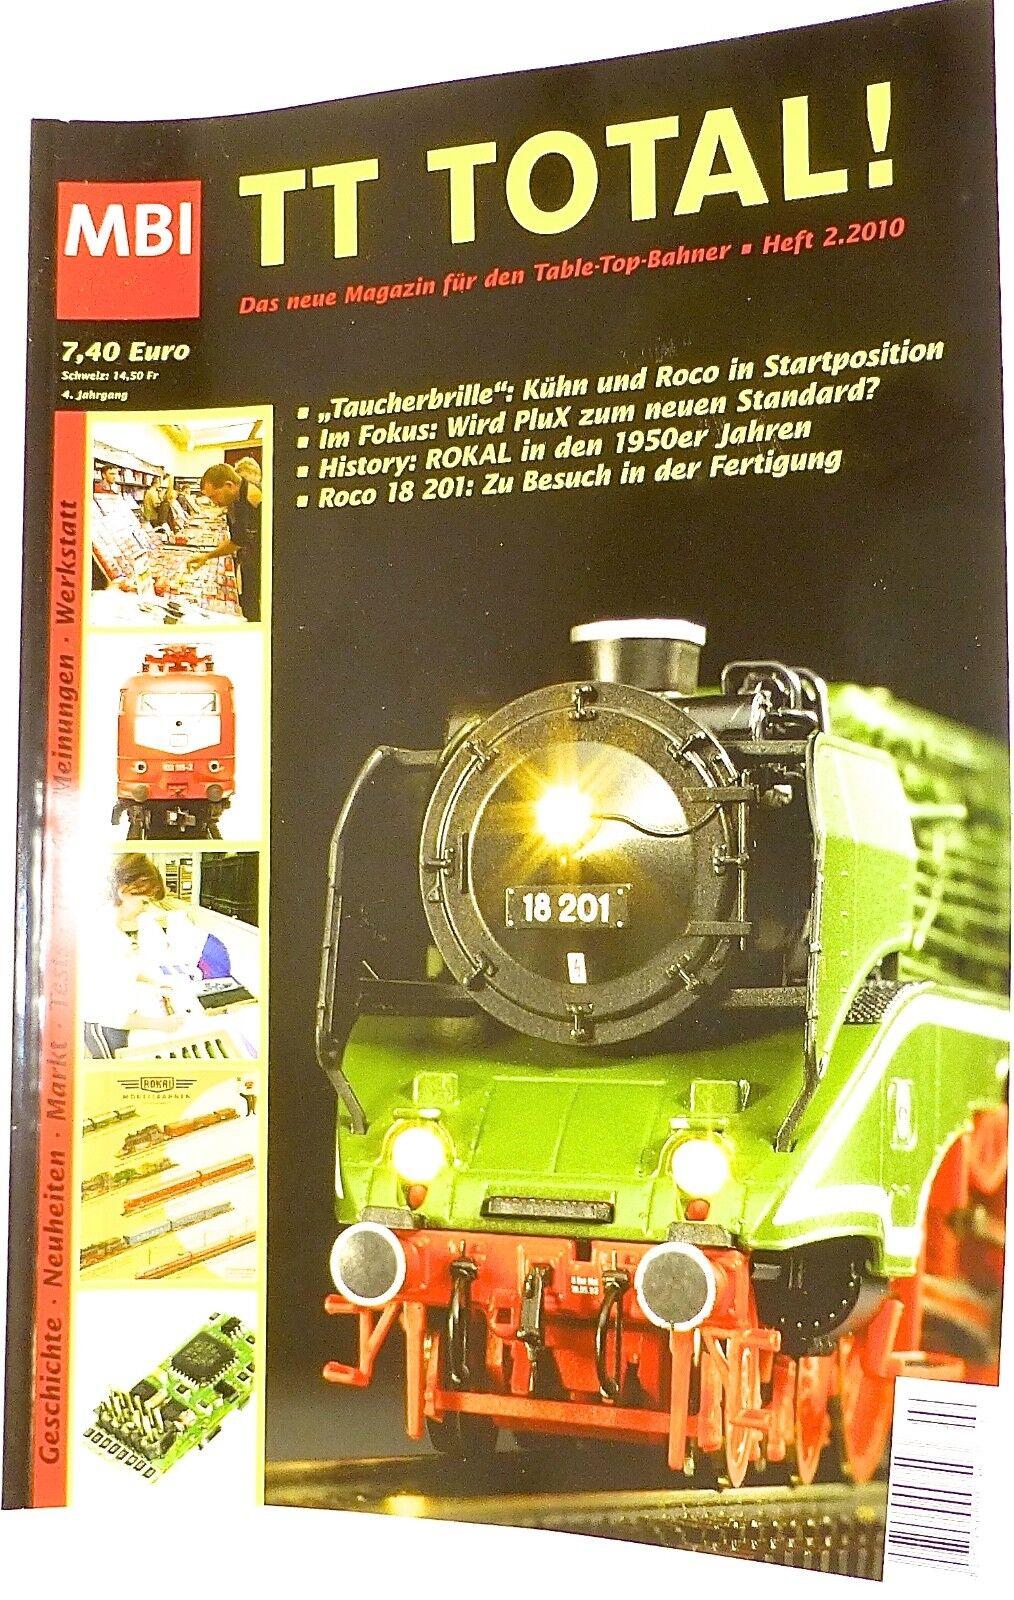 Tt Total 4te Generación Heft 2.2000 Aus 2010 Mbi Μ